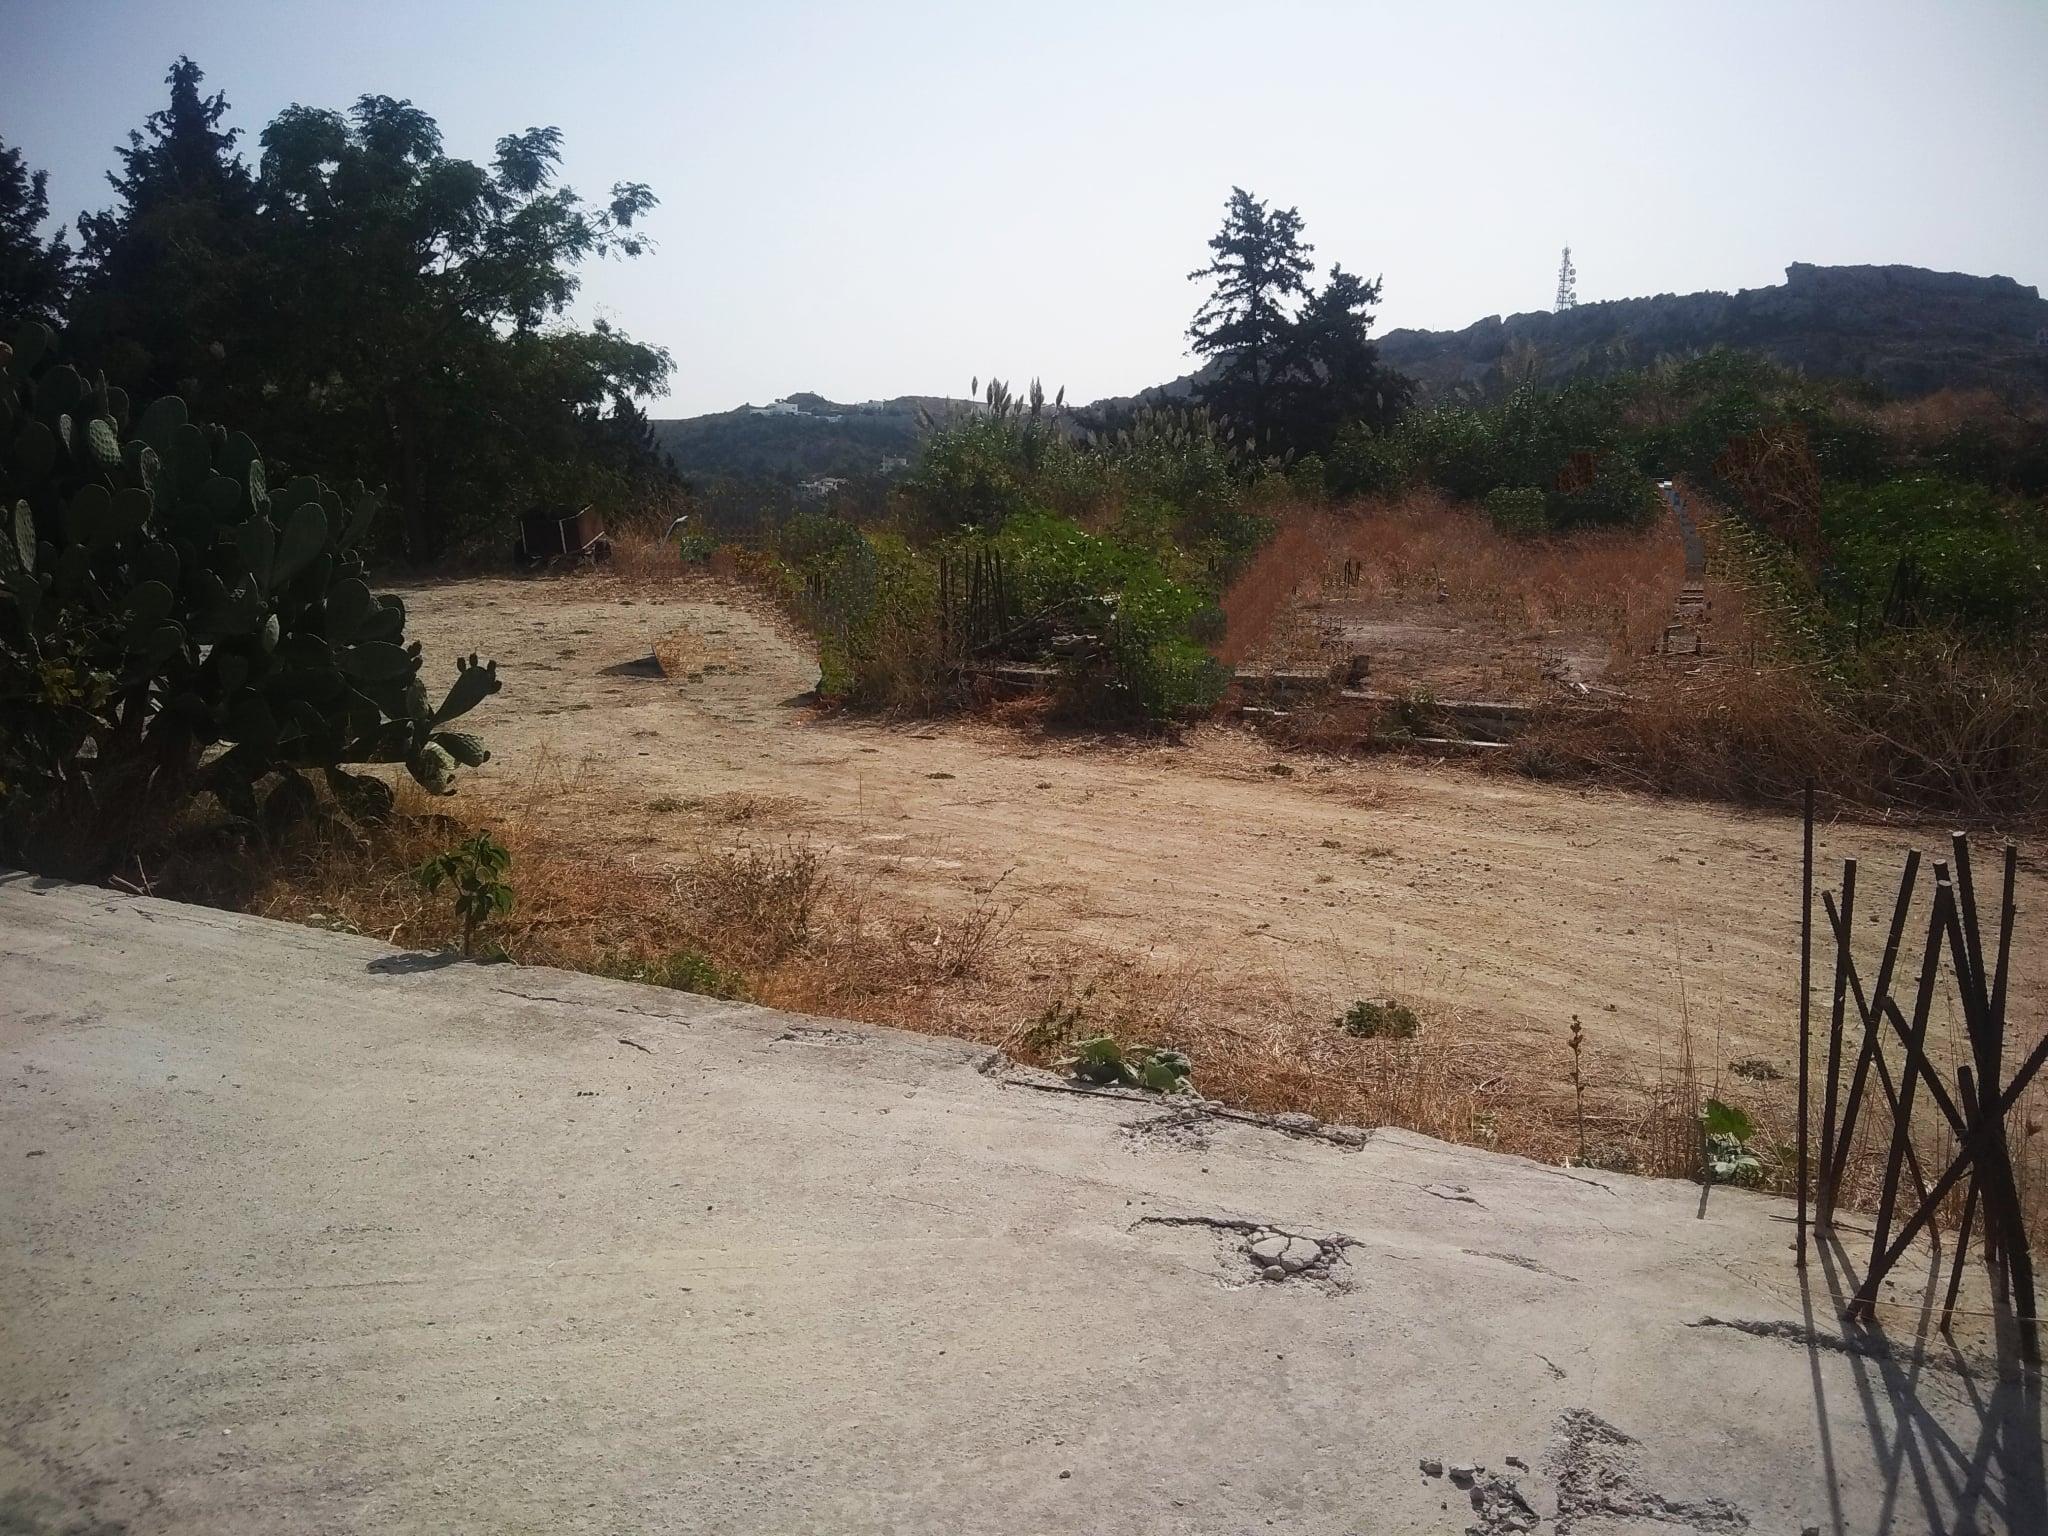 Οικόπεδο εντός ζώνης με θέα , Κοσκινού Ρόδου, OIK-5748987